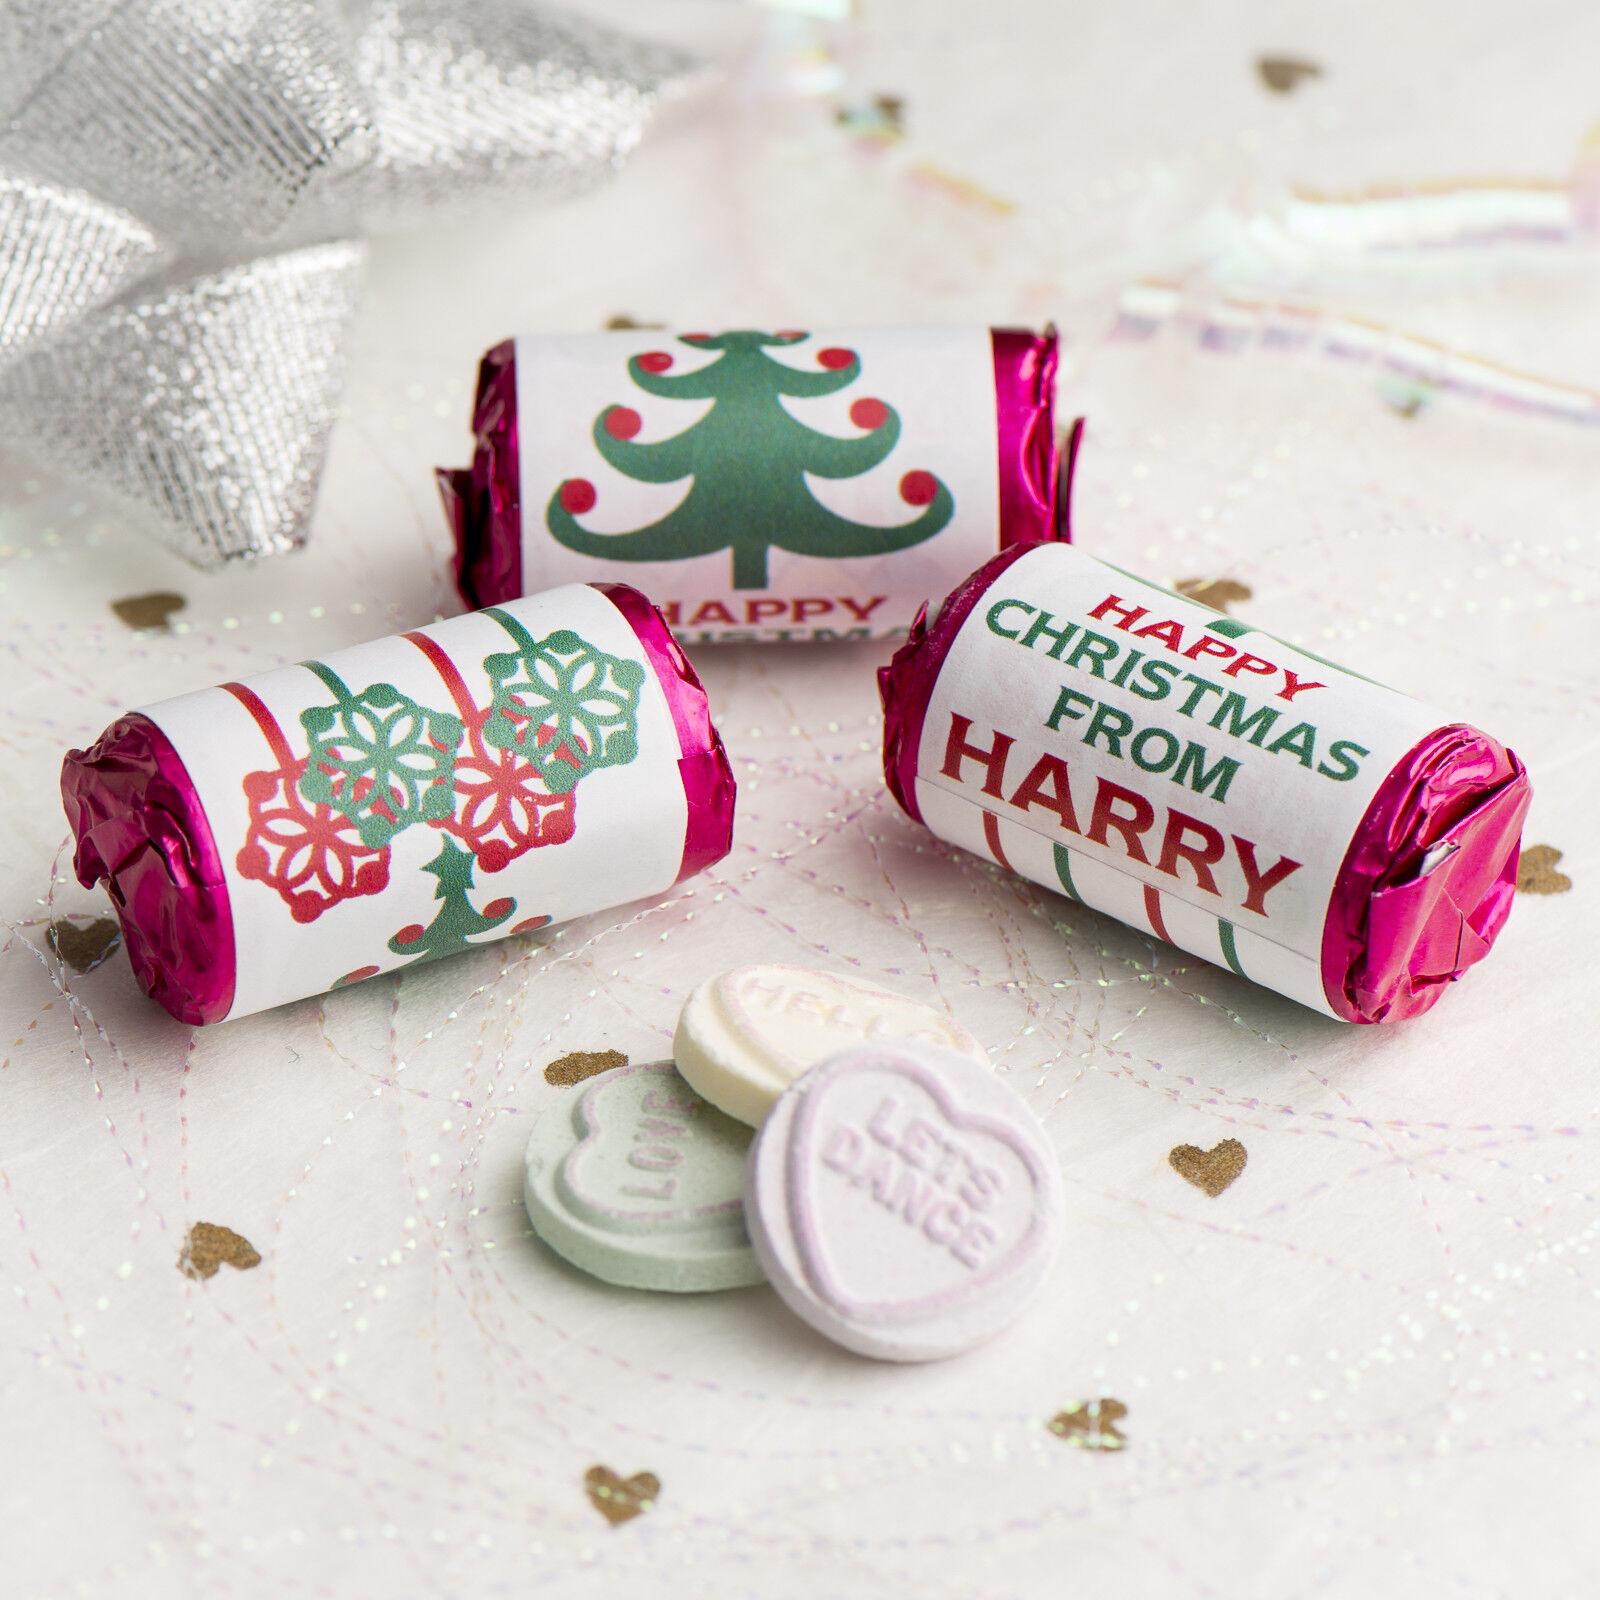 MINI personalizzato Amore Amore Amore Cuori rossooli   Dolci Festa Di Natale Borsa regalo Favore 5d2a54